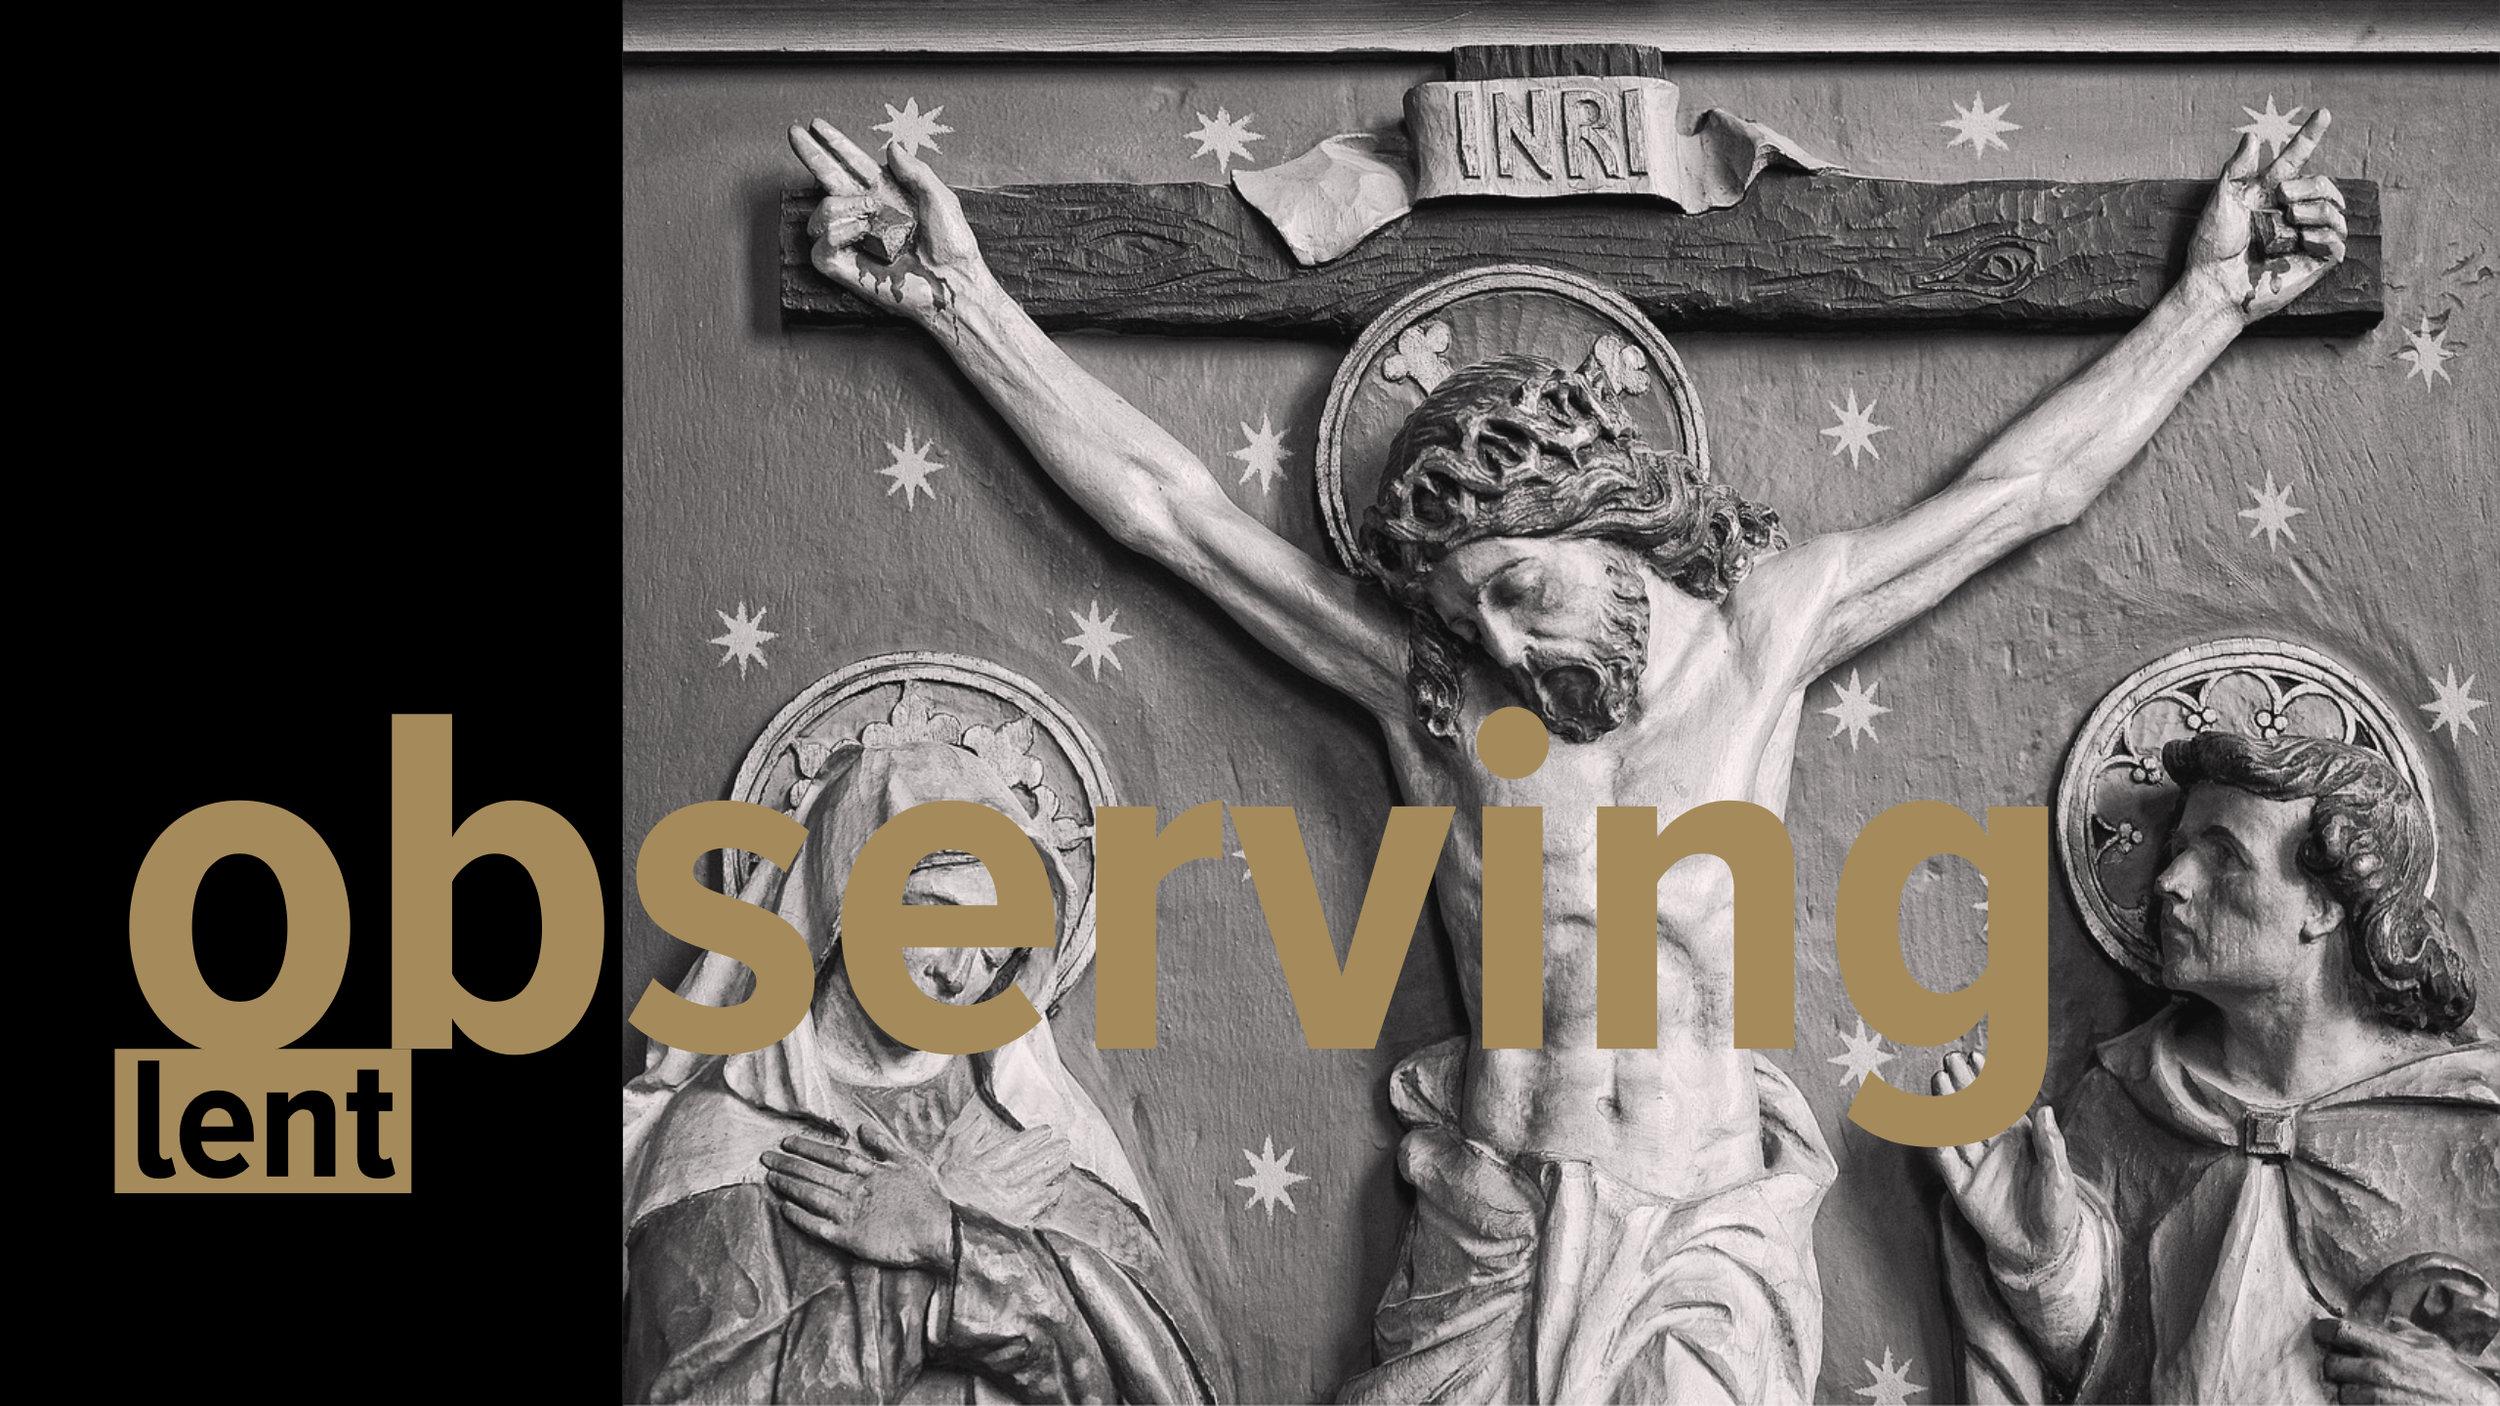 Lent 16 9.jpg